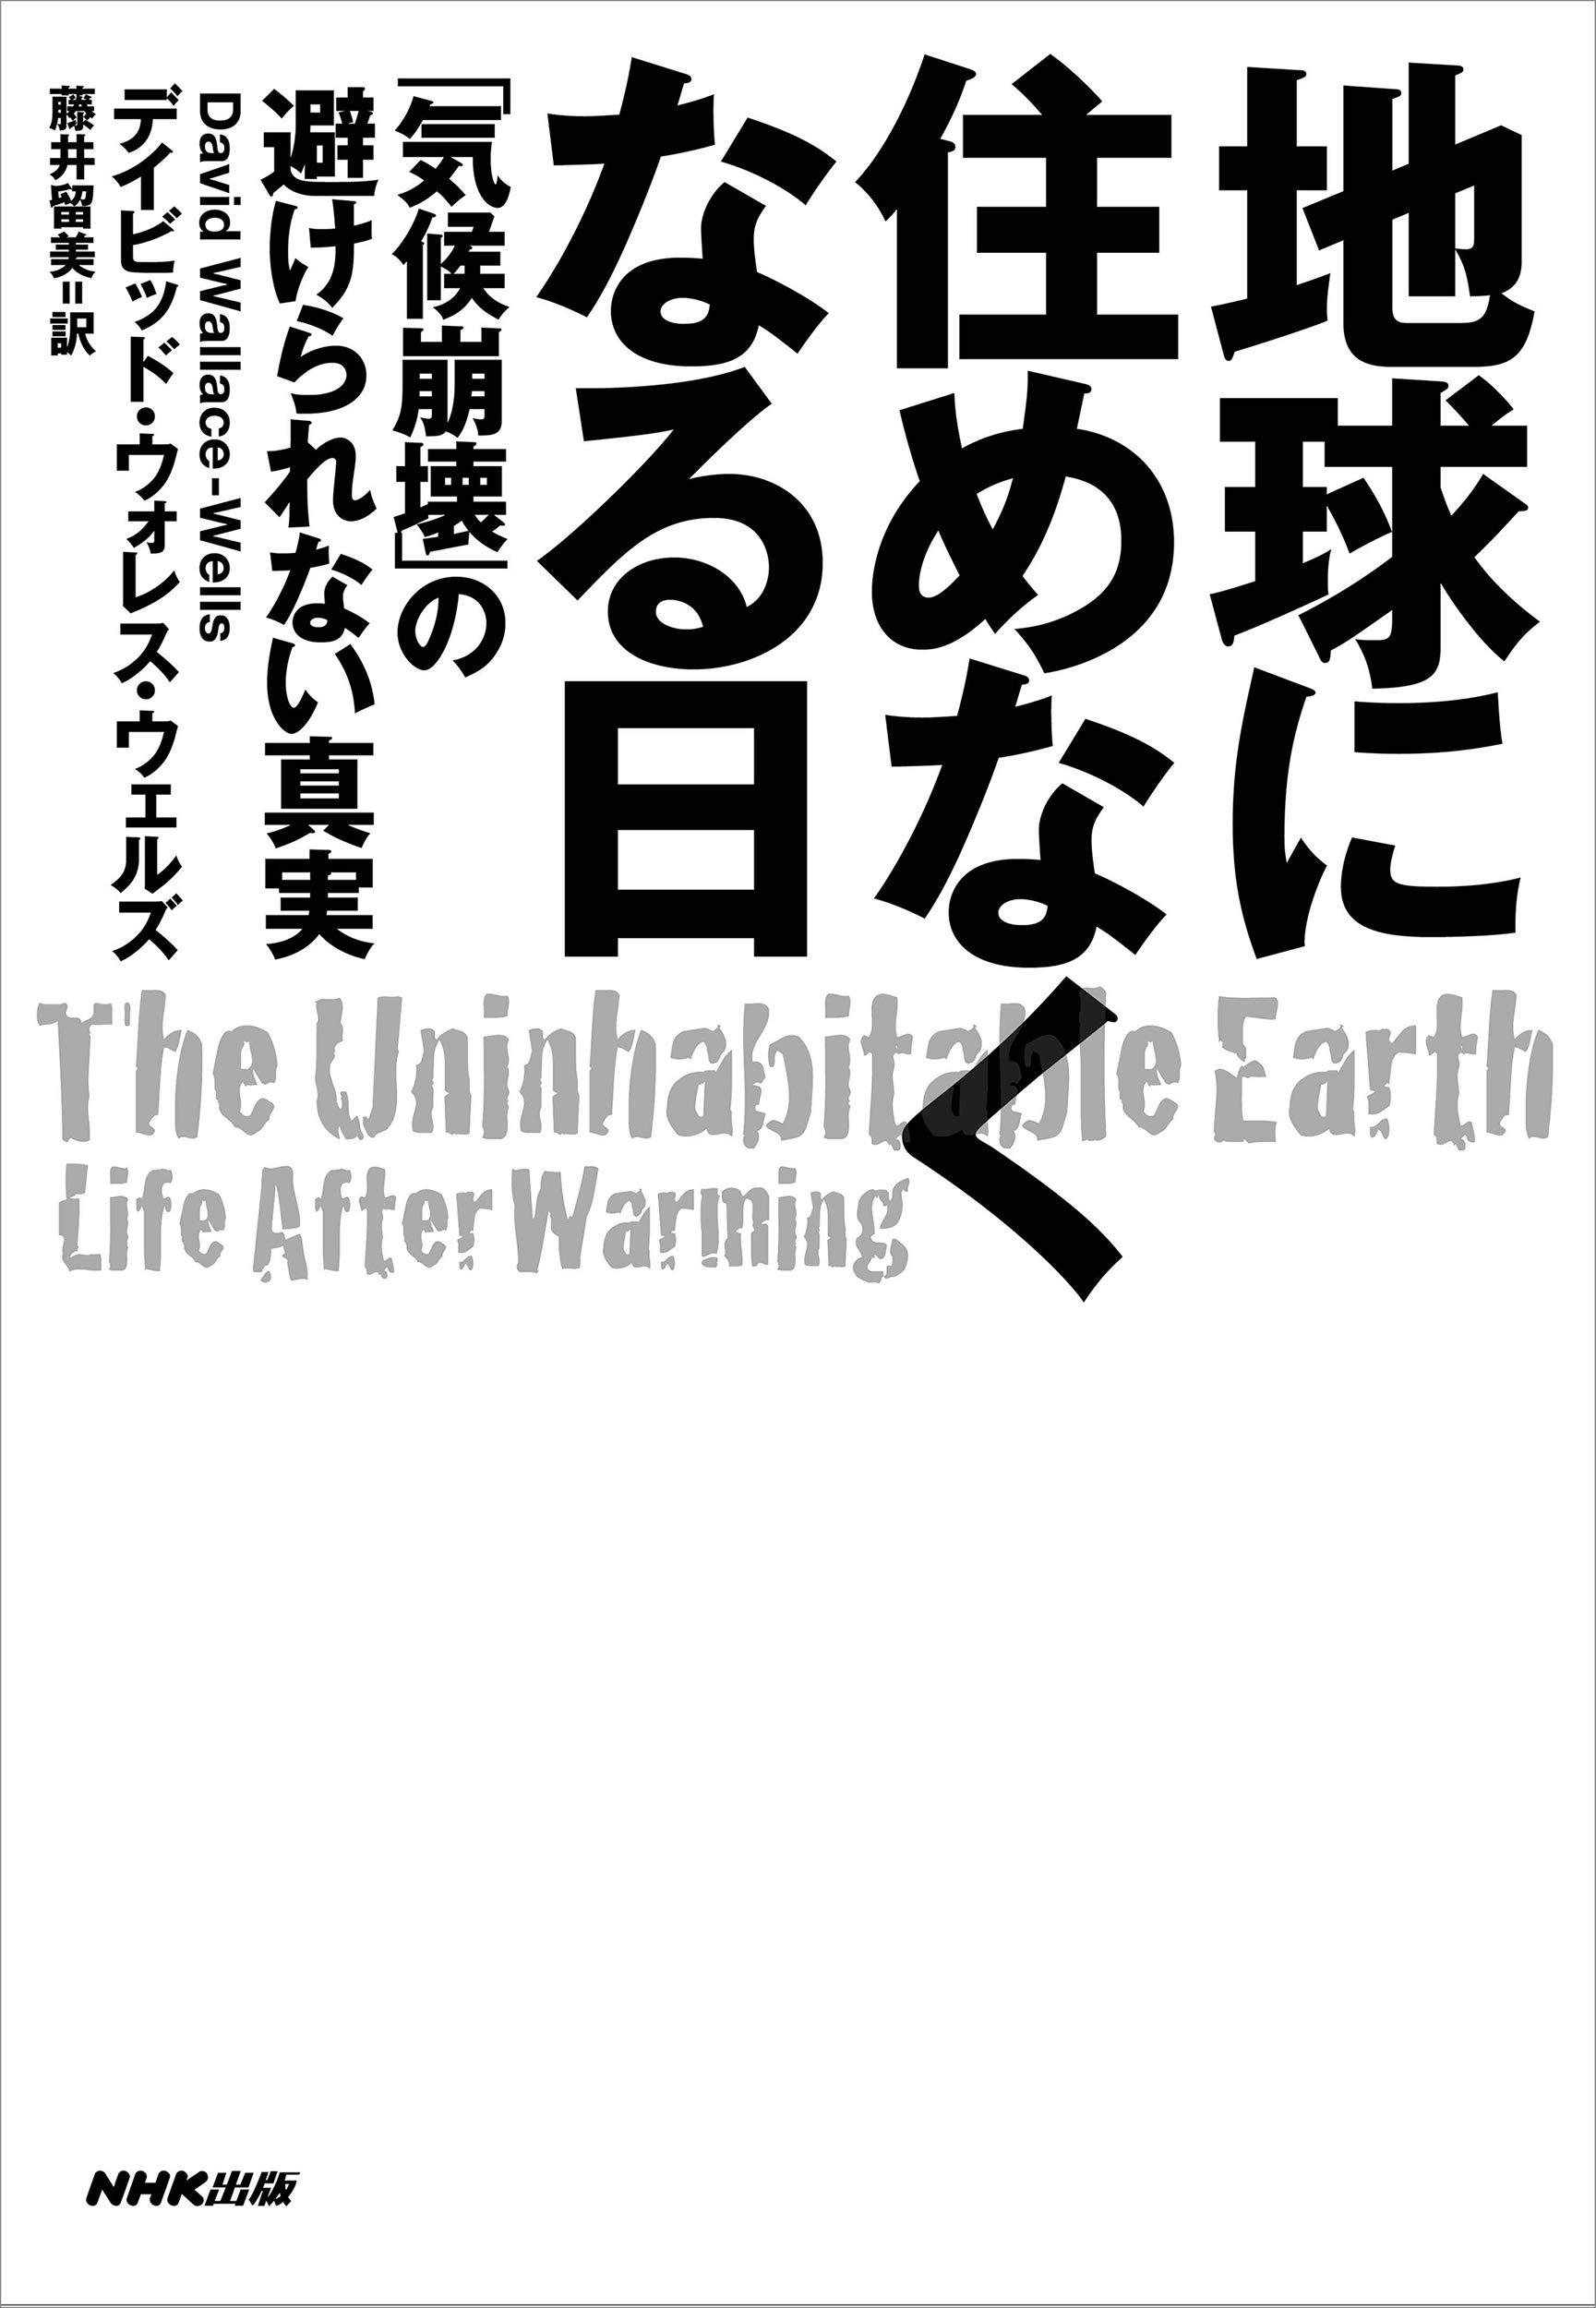 地球 に 住め なくなる 日 地球に住めなくなる日 「気候崩壊」の避けられない真実